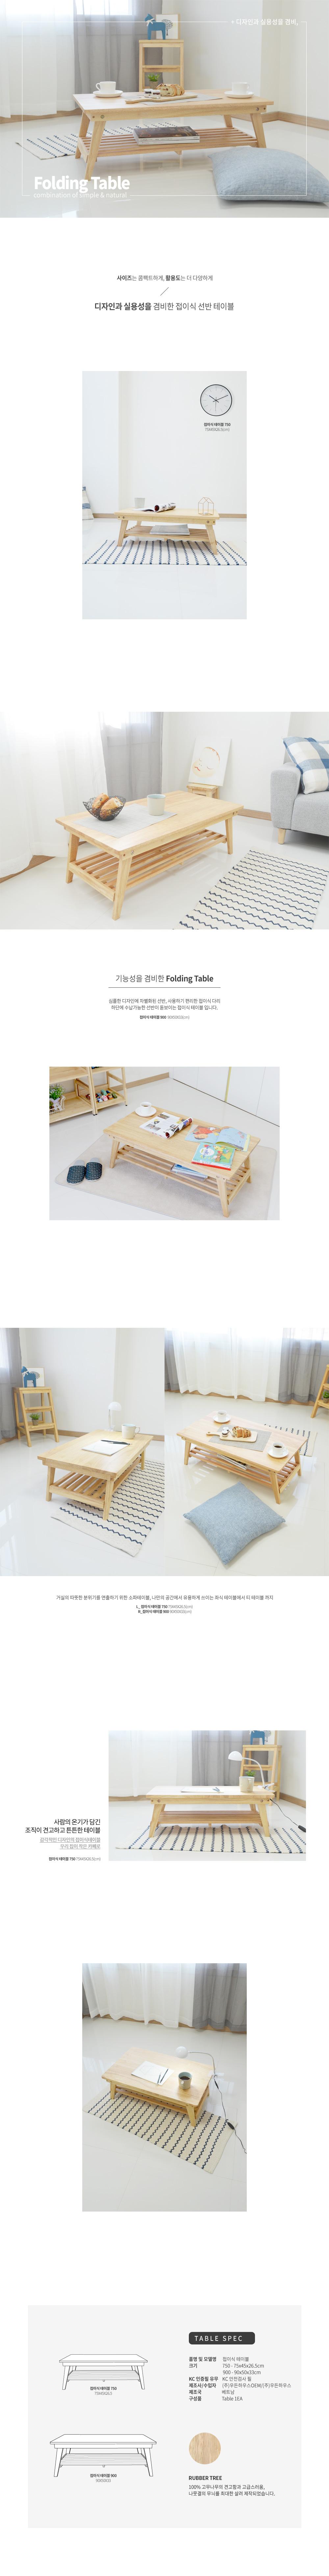 접이식 테이블 900 - 메종드트리, 98,000원, 거실 테이블, 접이식테이블